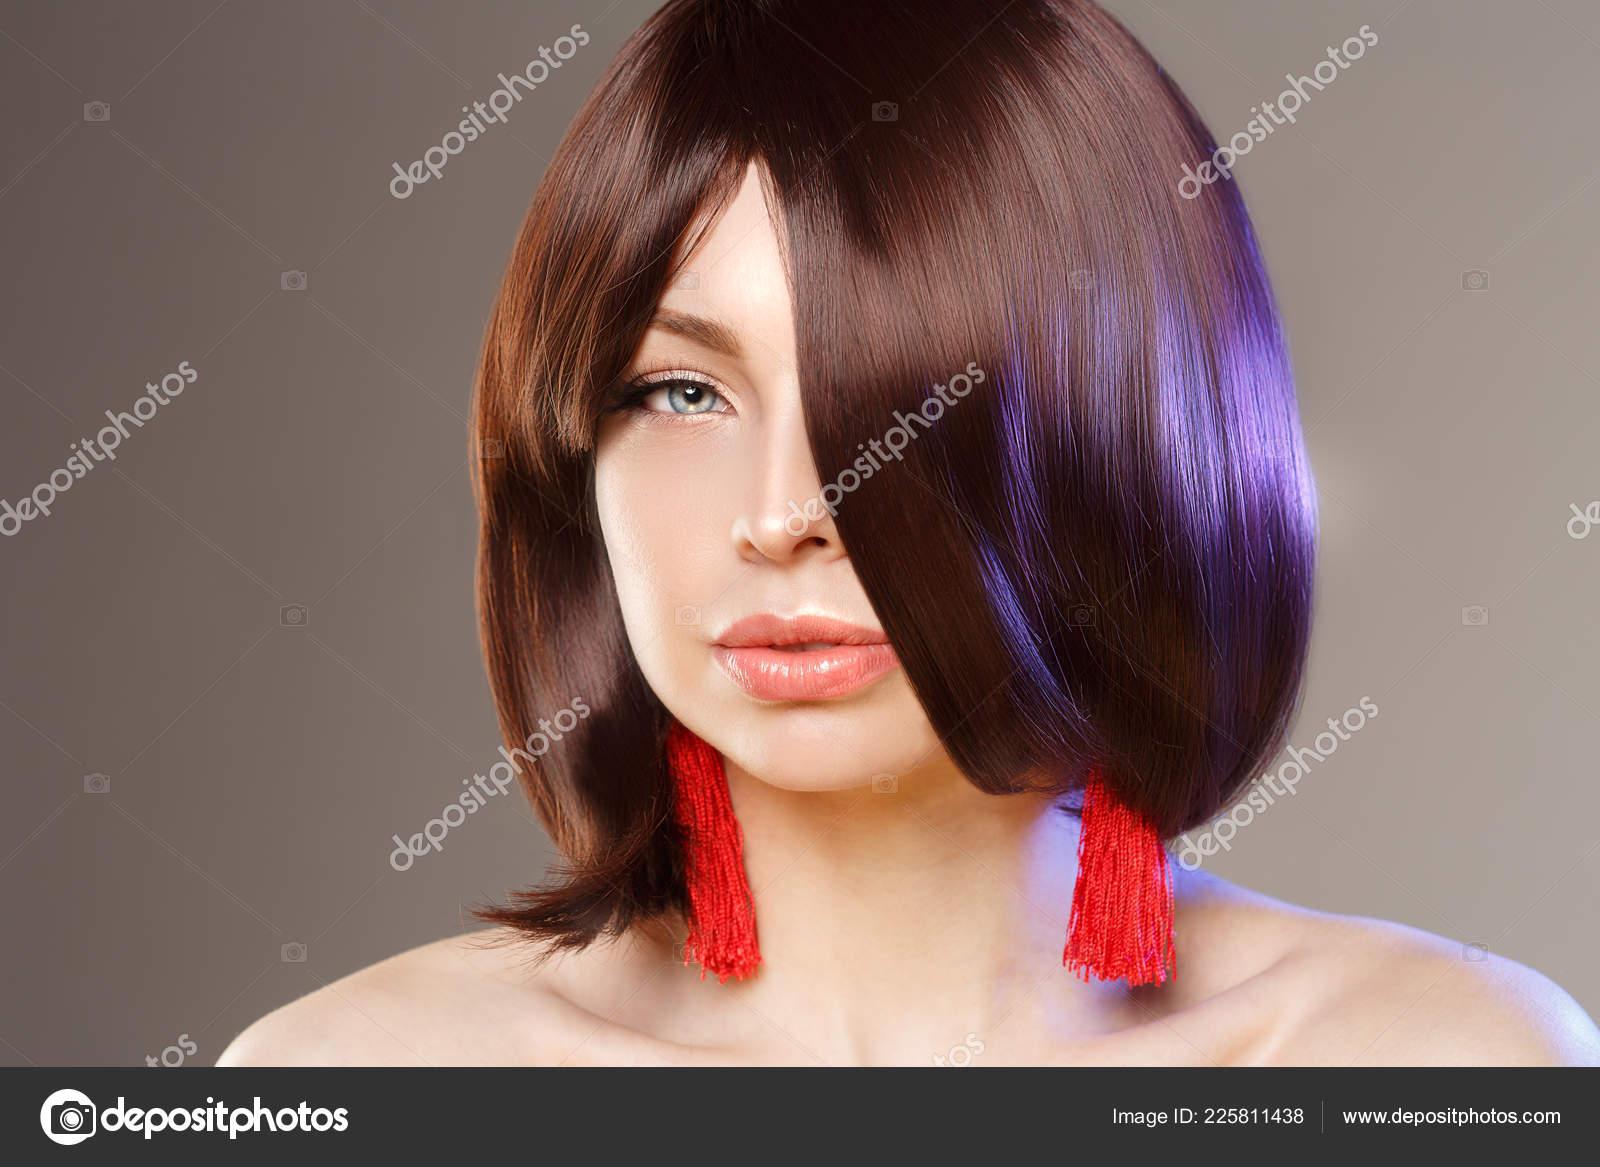 Young Beautiful Woman Short Hair Short Fashionable Haircut Girl Updo